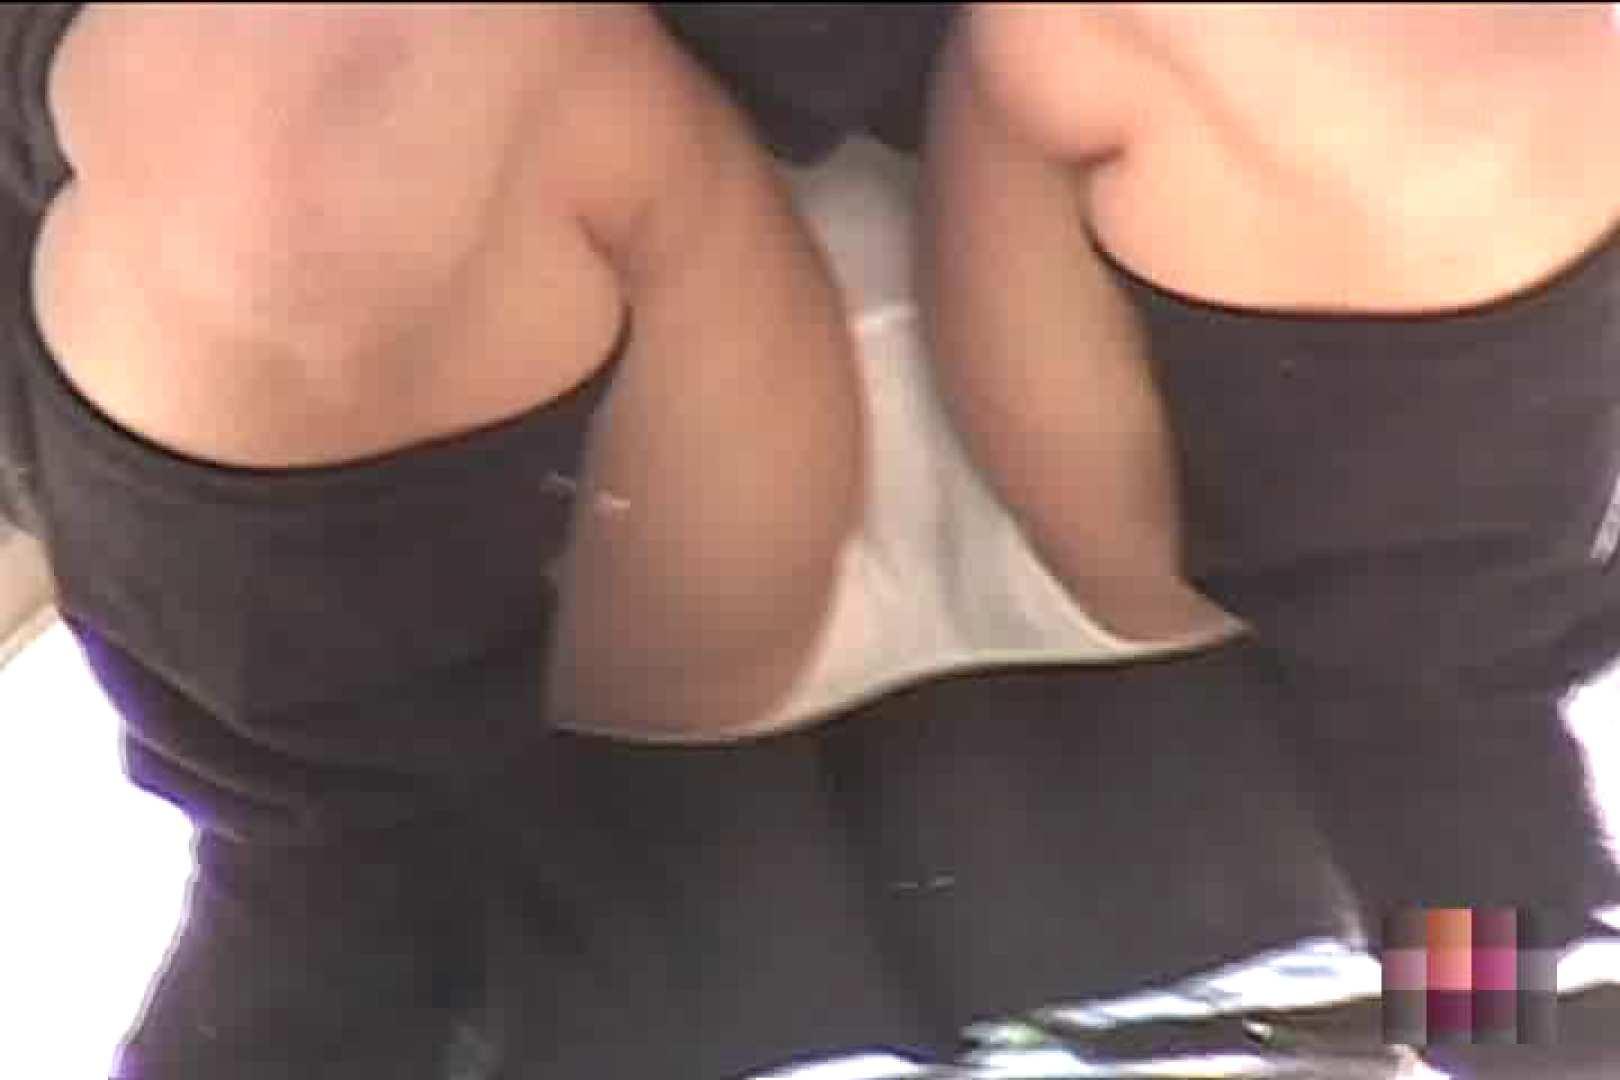 マンチラインパクトVol.8 パンチラのぞき 性交動画流出 98画像 49